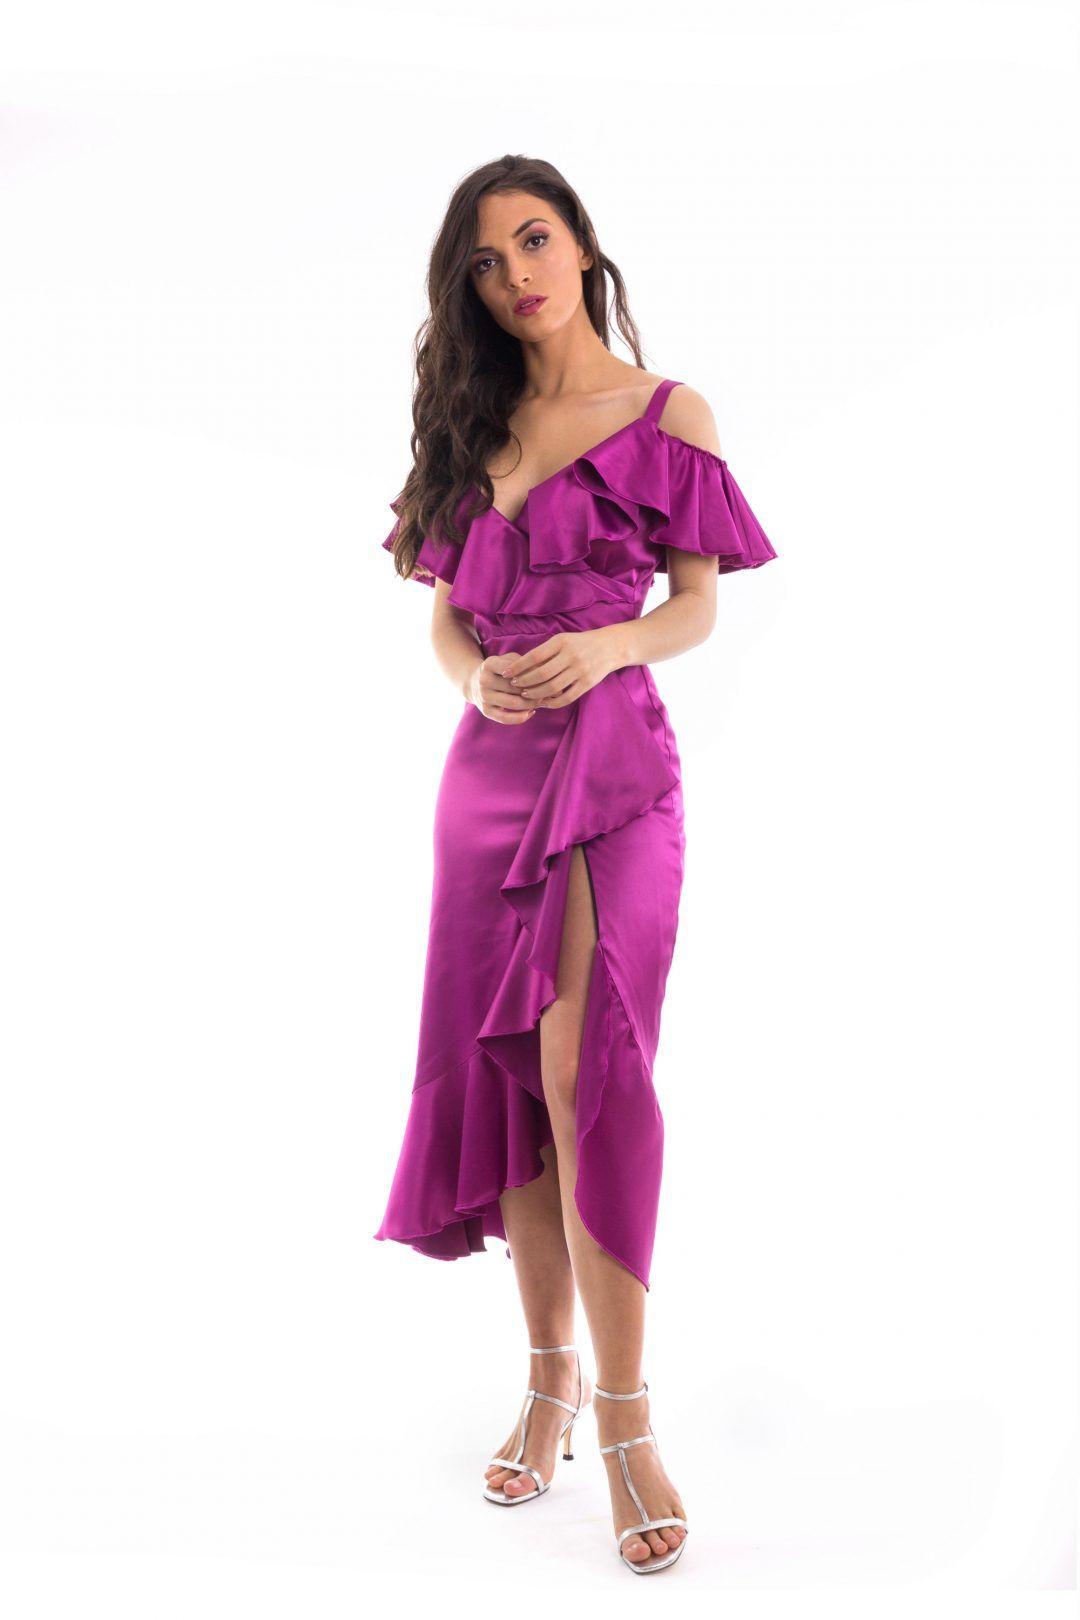 Vestido raso Púrpura | Pinterest | Raso, Púrpura y Boda tan